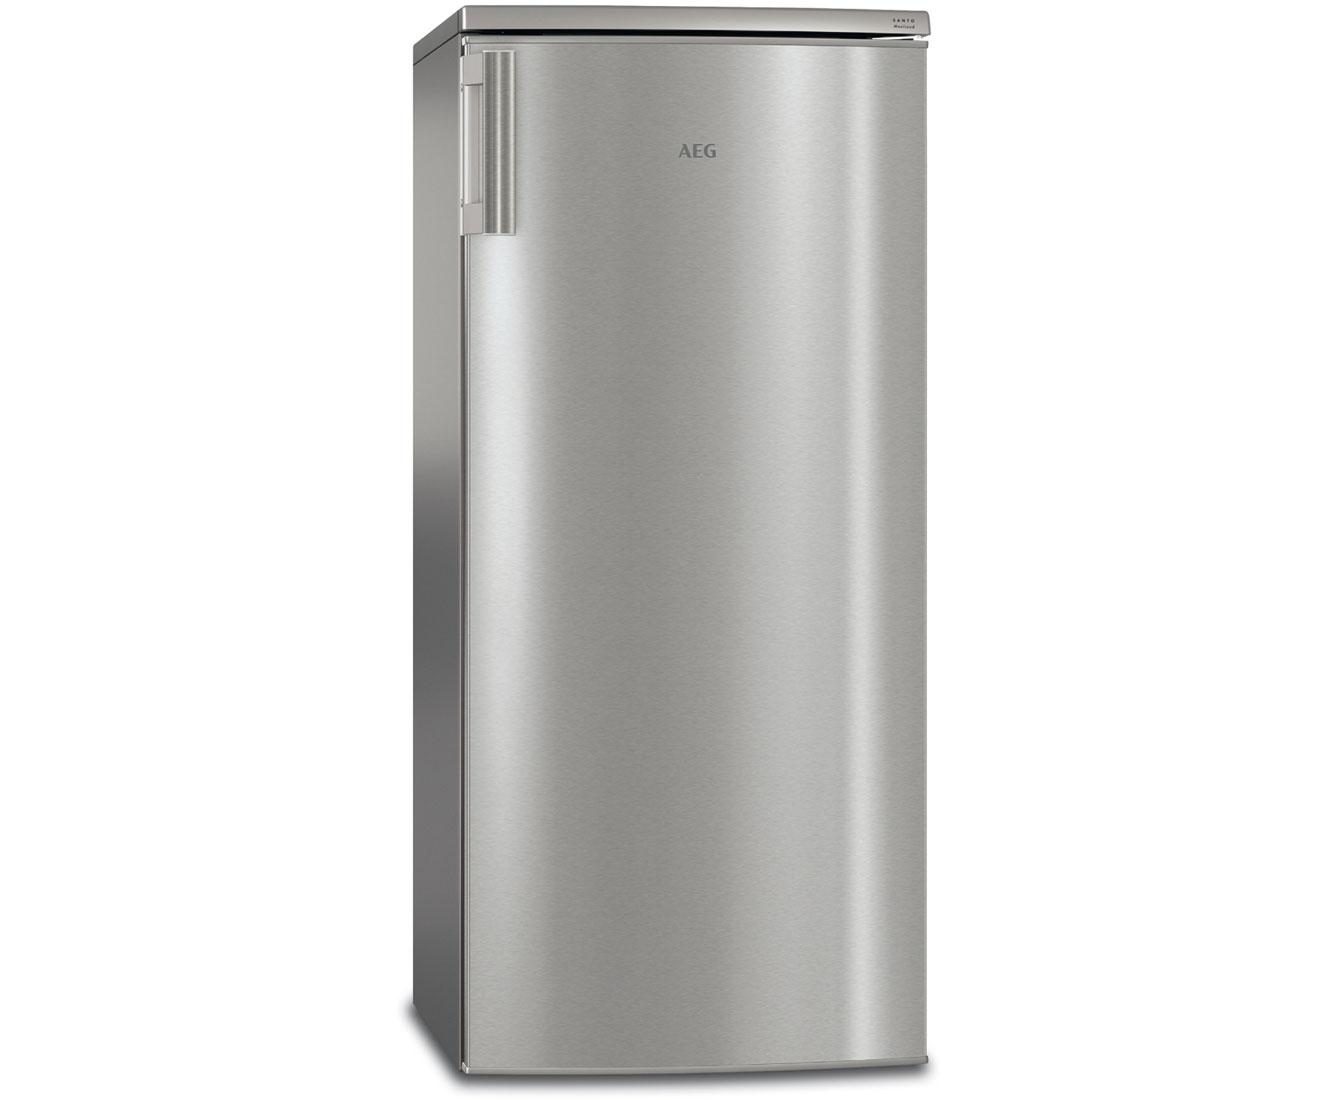 AEG SANTO RFB52412AX Kühlschrank mit Gefrierfach - Edelstahl, A+